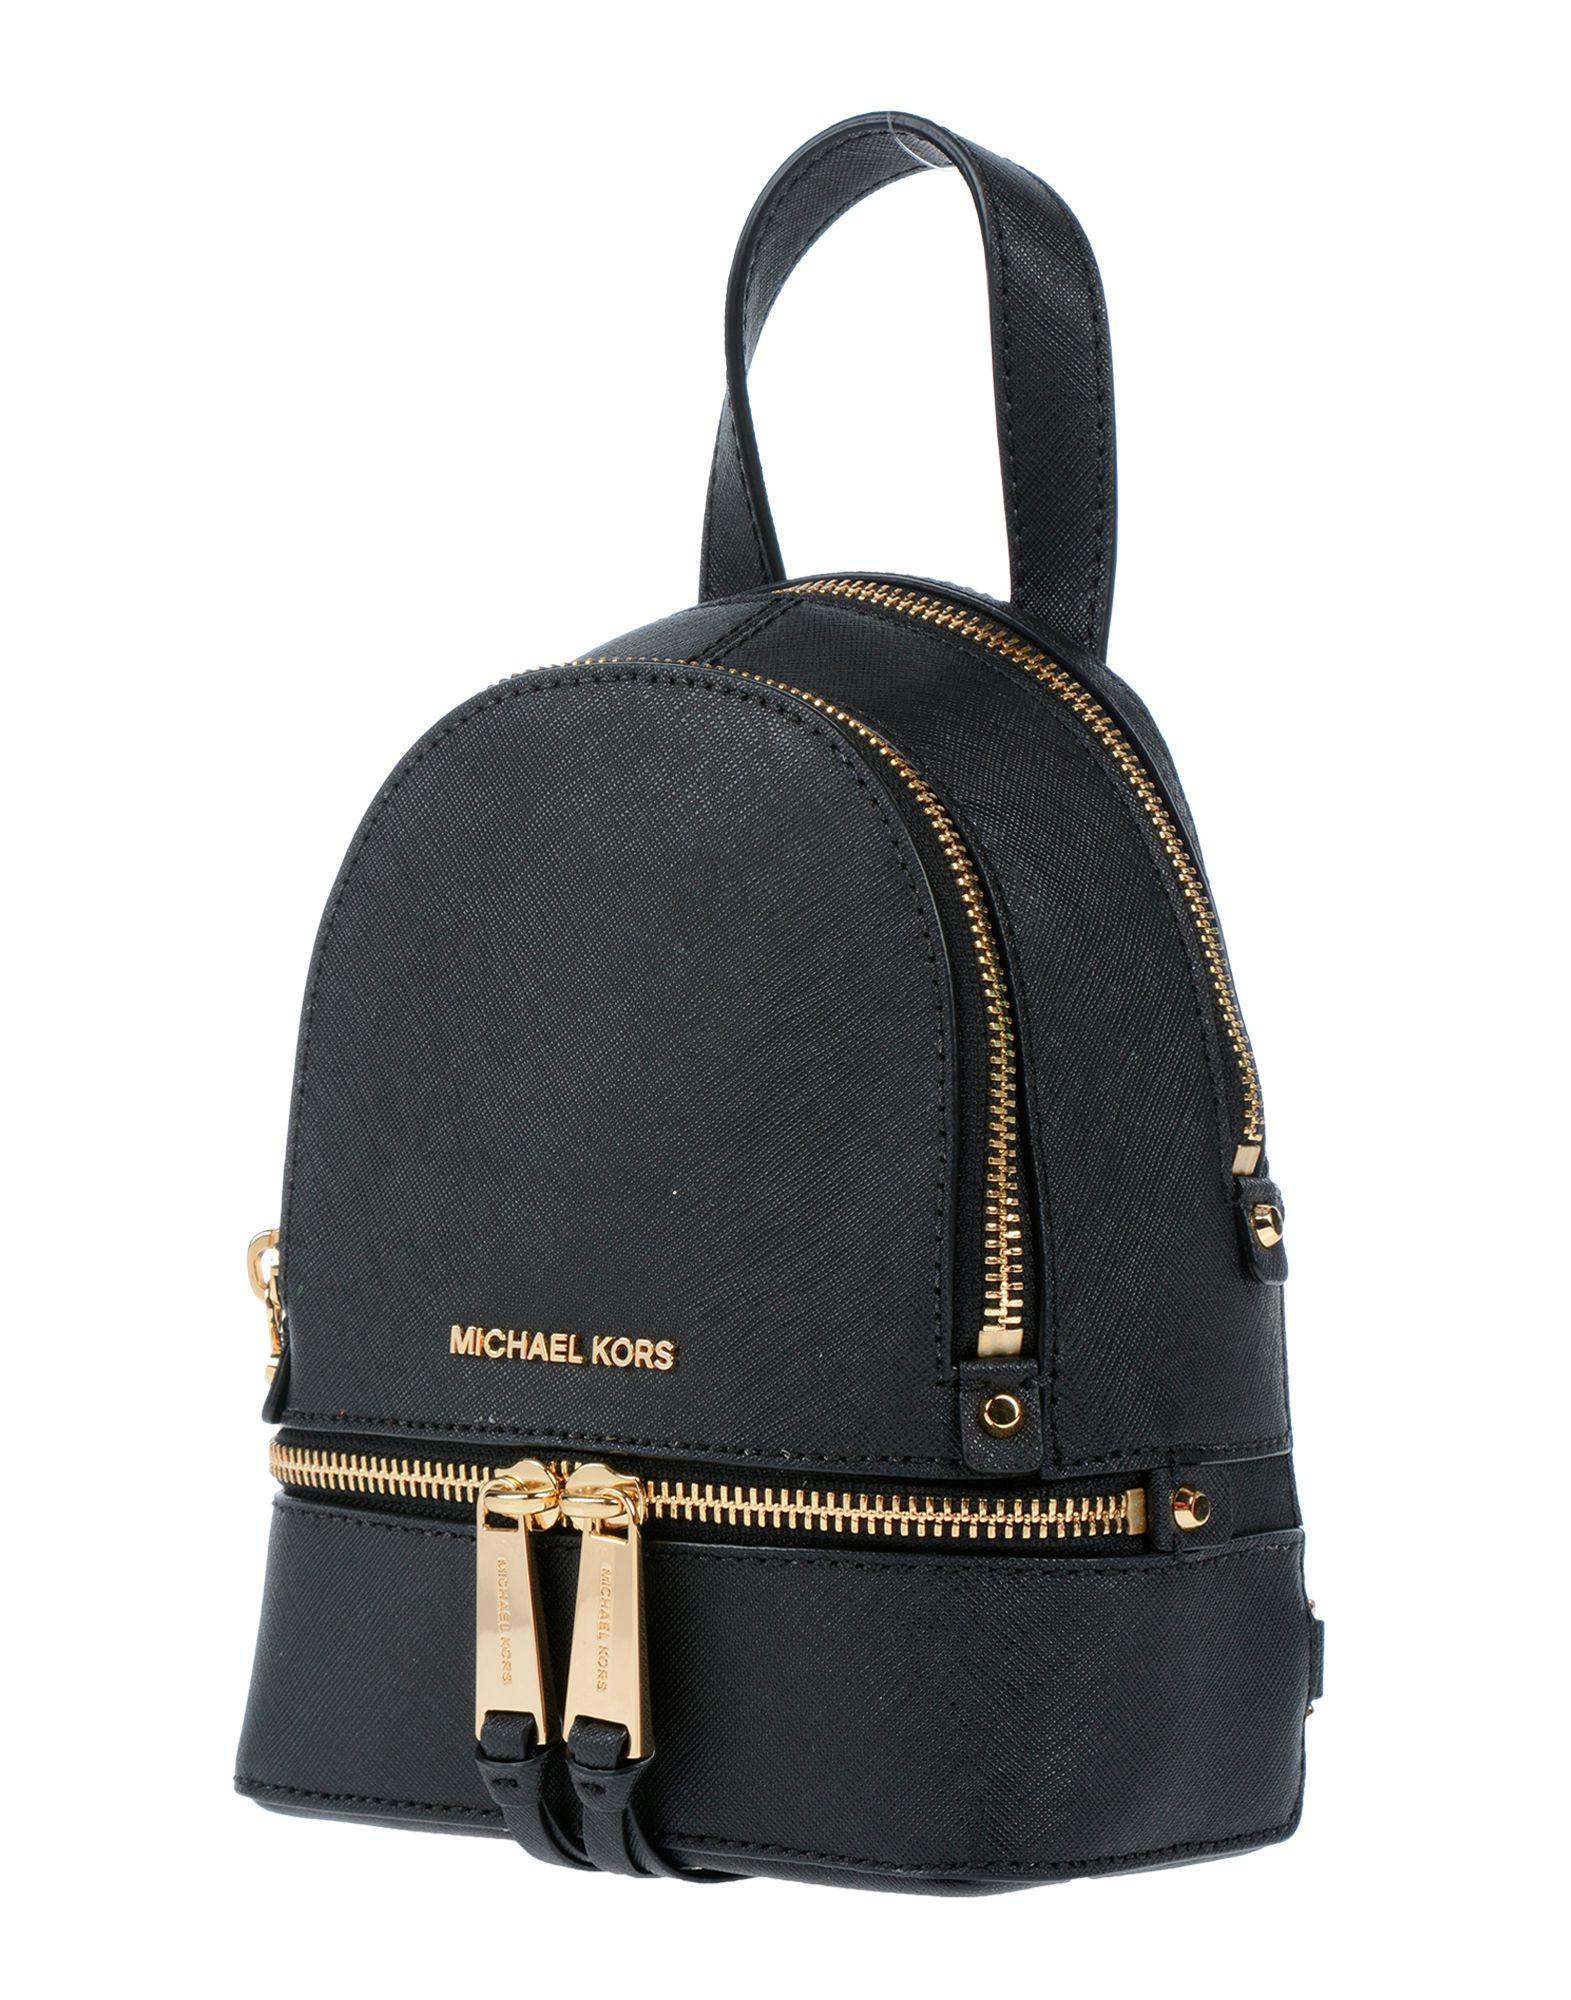 MICHAEL KORS Рюкзаки и сумки на пояс женщины pu кожа сумочкакожаные сумки messenge